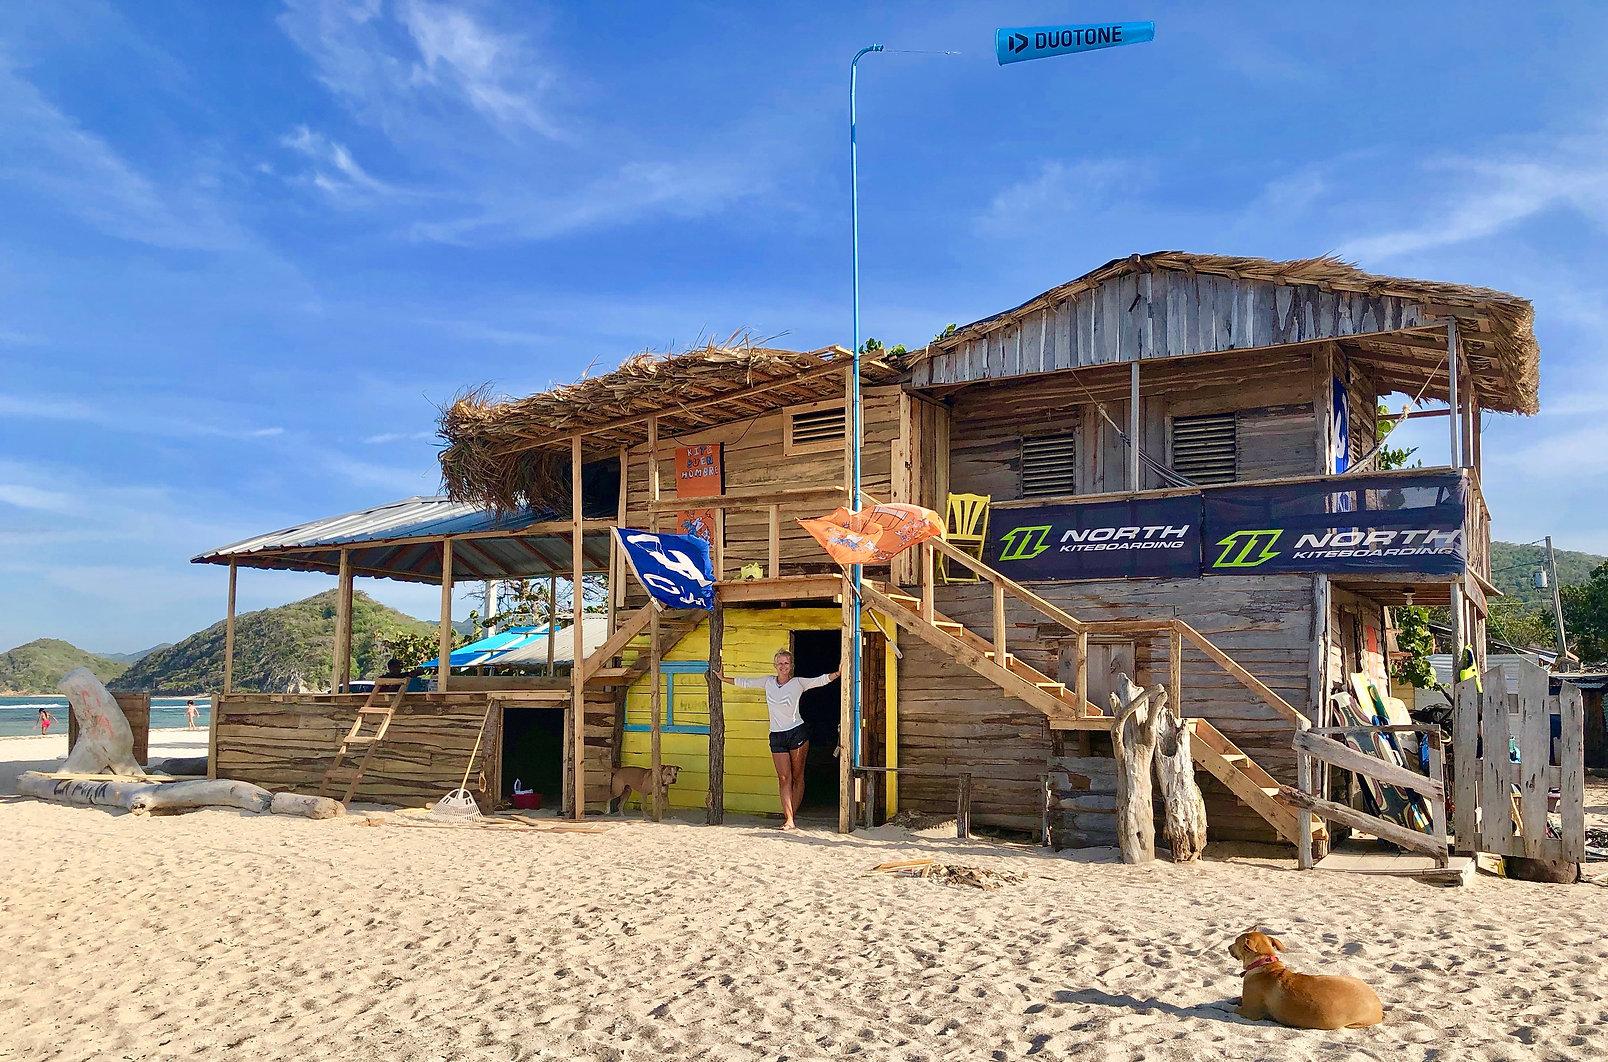 kite school Buen Hombre Cabarete, Dominican Republi